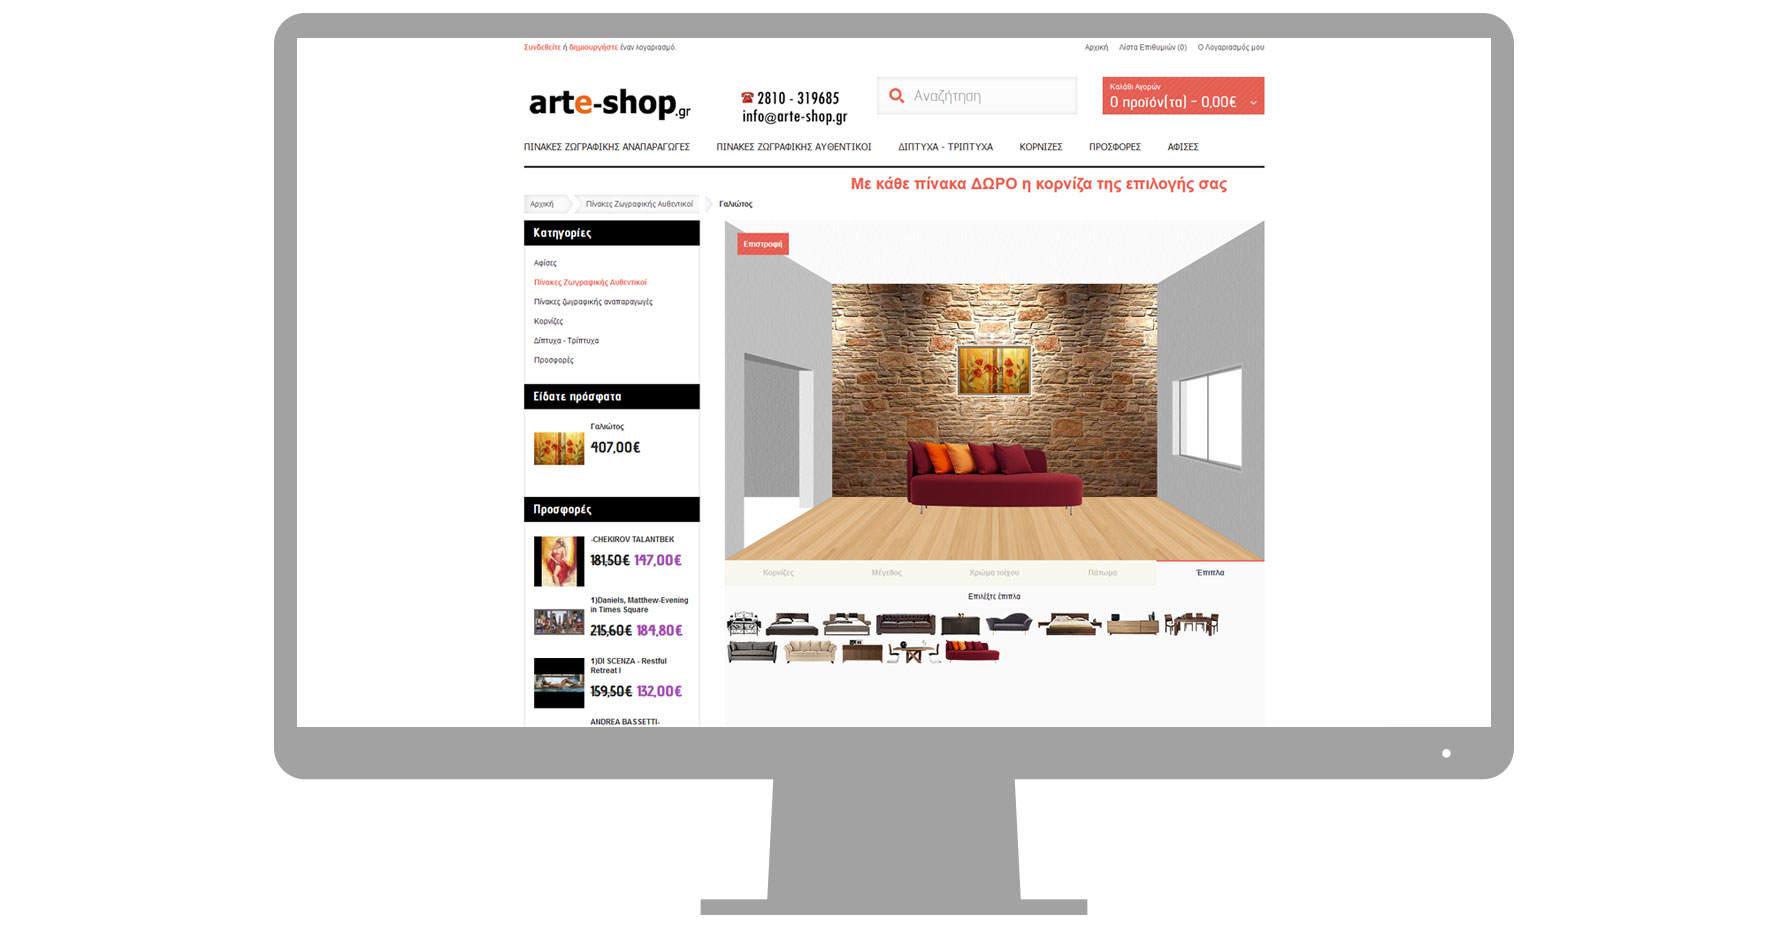 Επικόπηση σελίδας εφαρμογής σε περιβάλλον desktop οθόνης